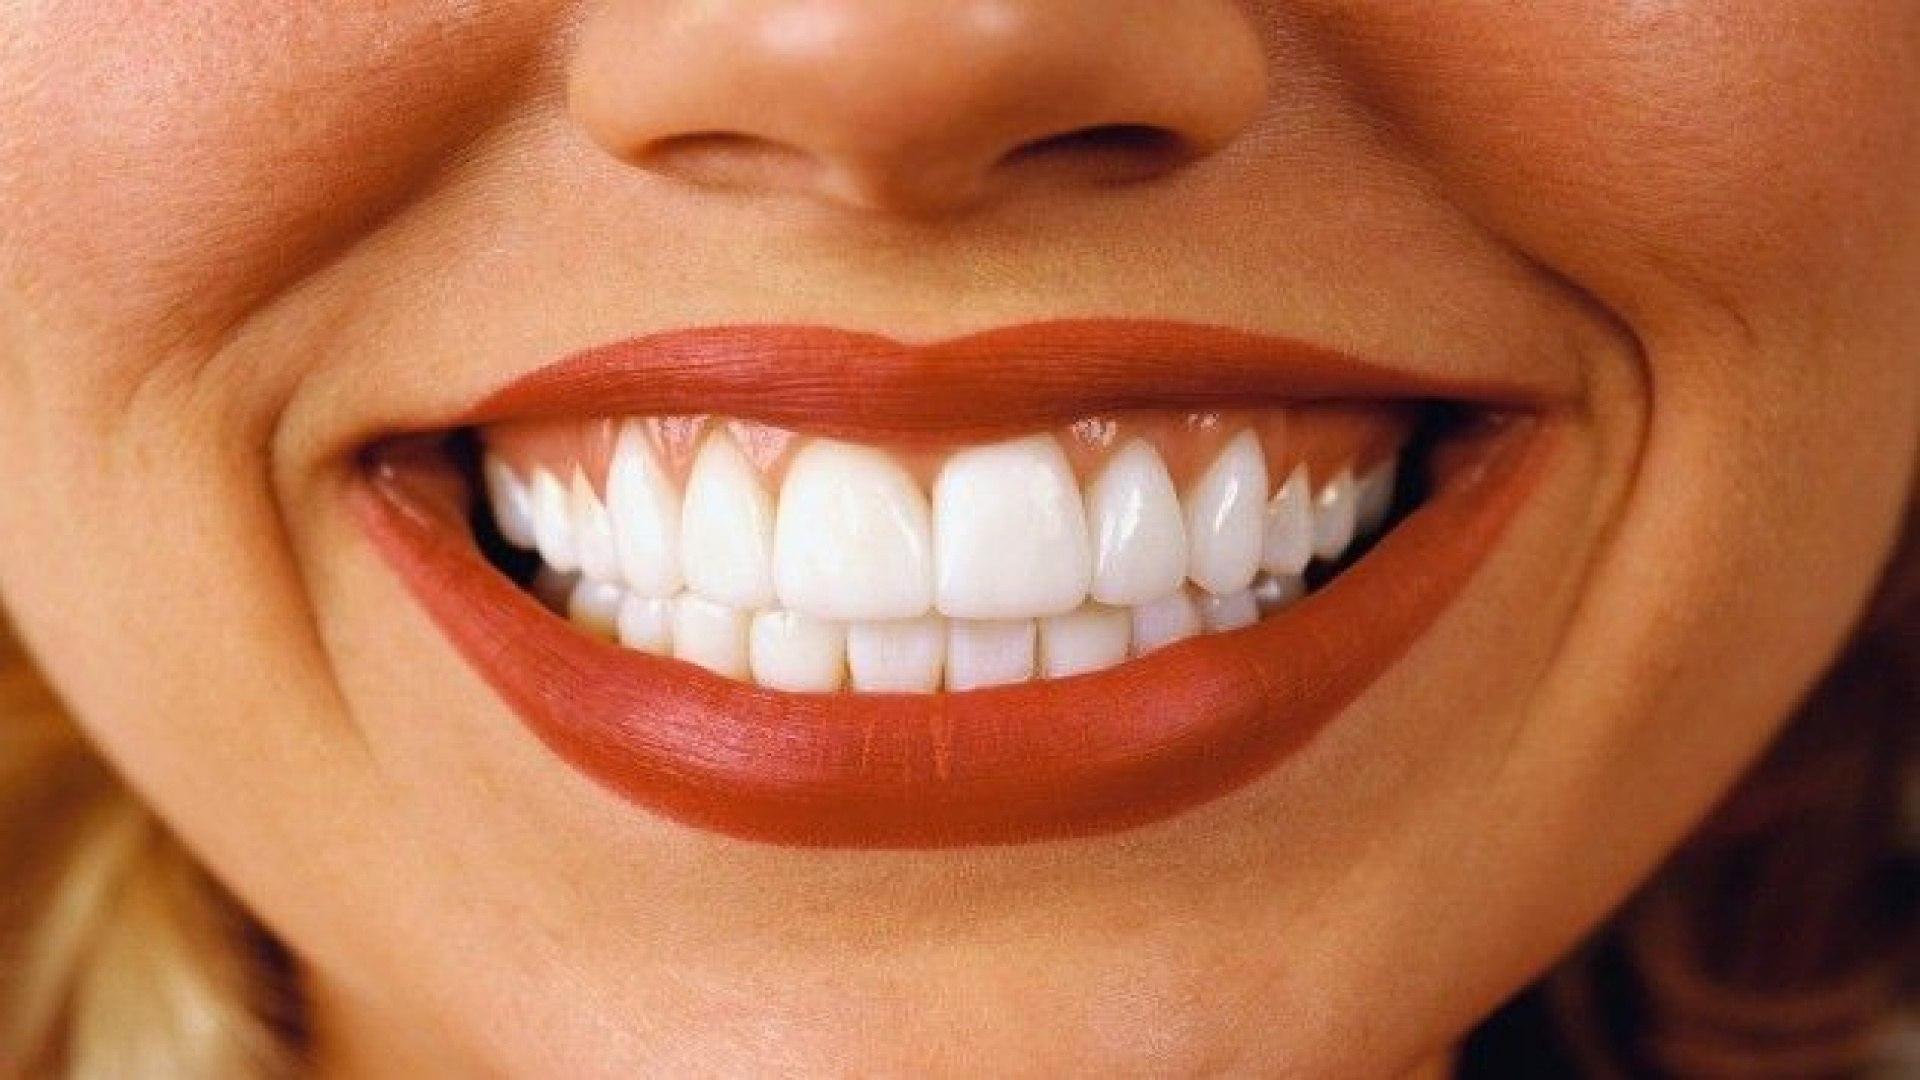 Безалкогольные напитки растворяют зубную эмаль?